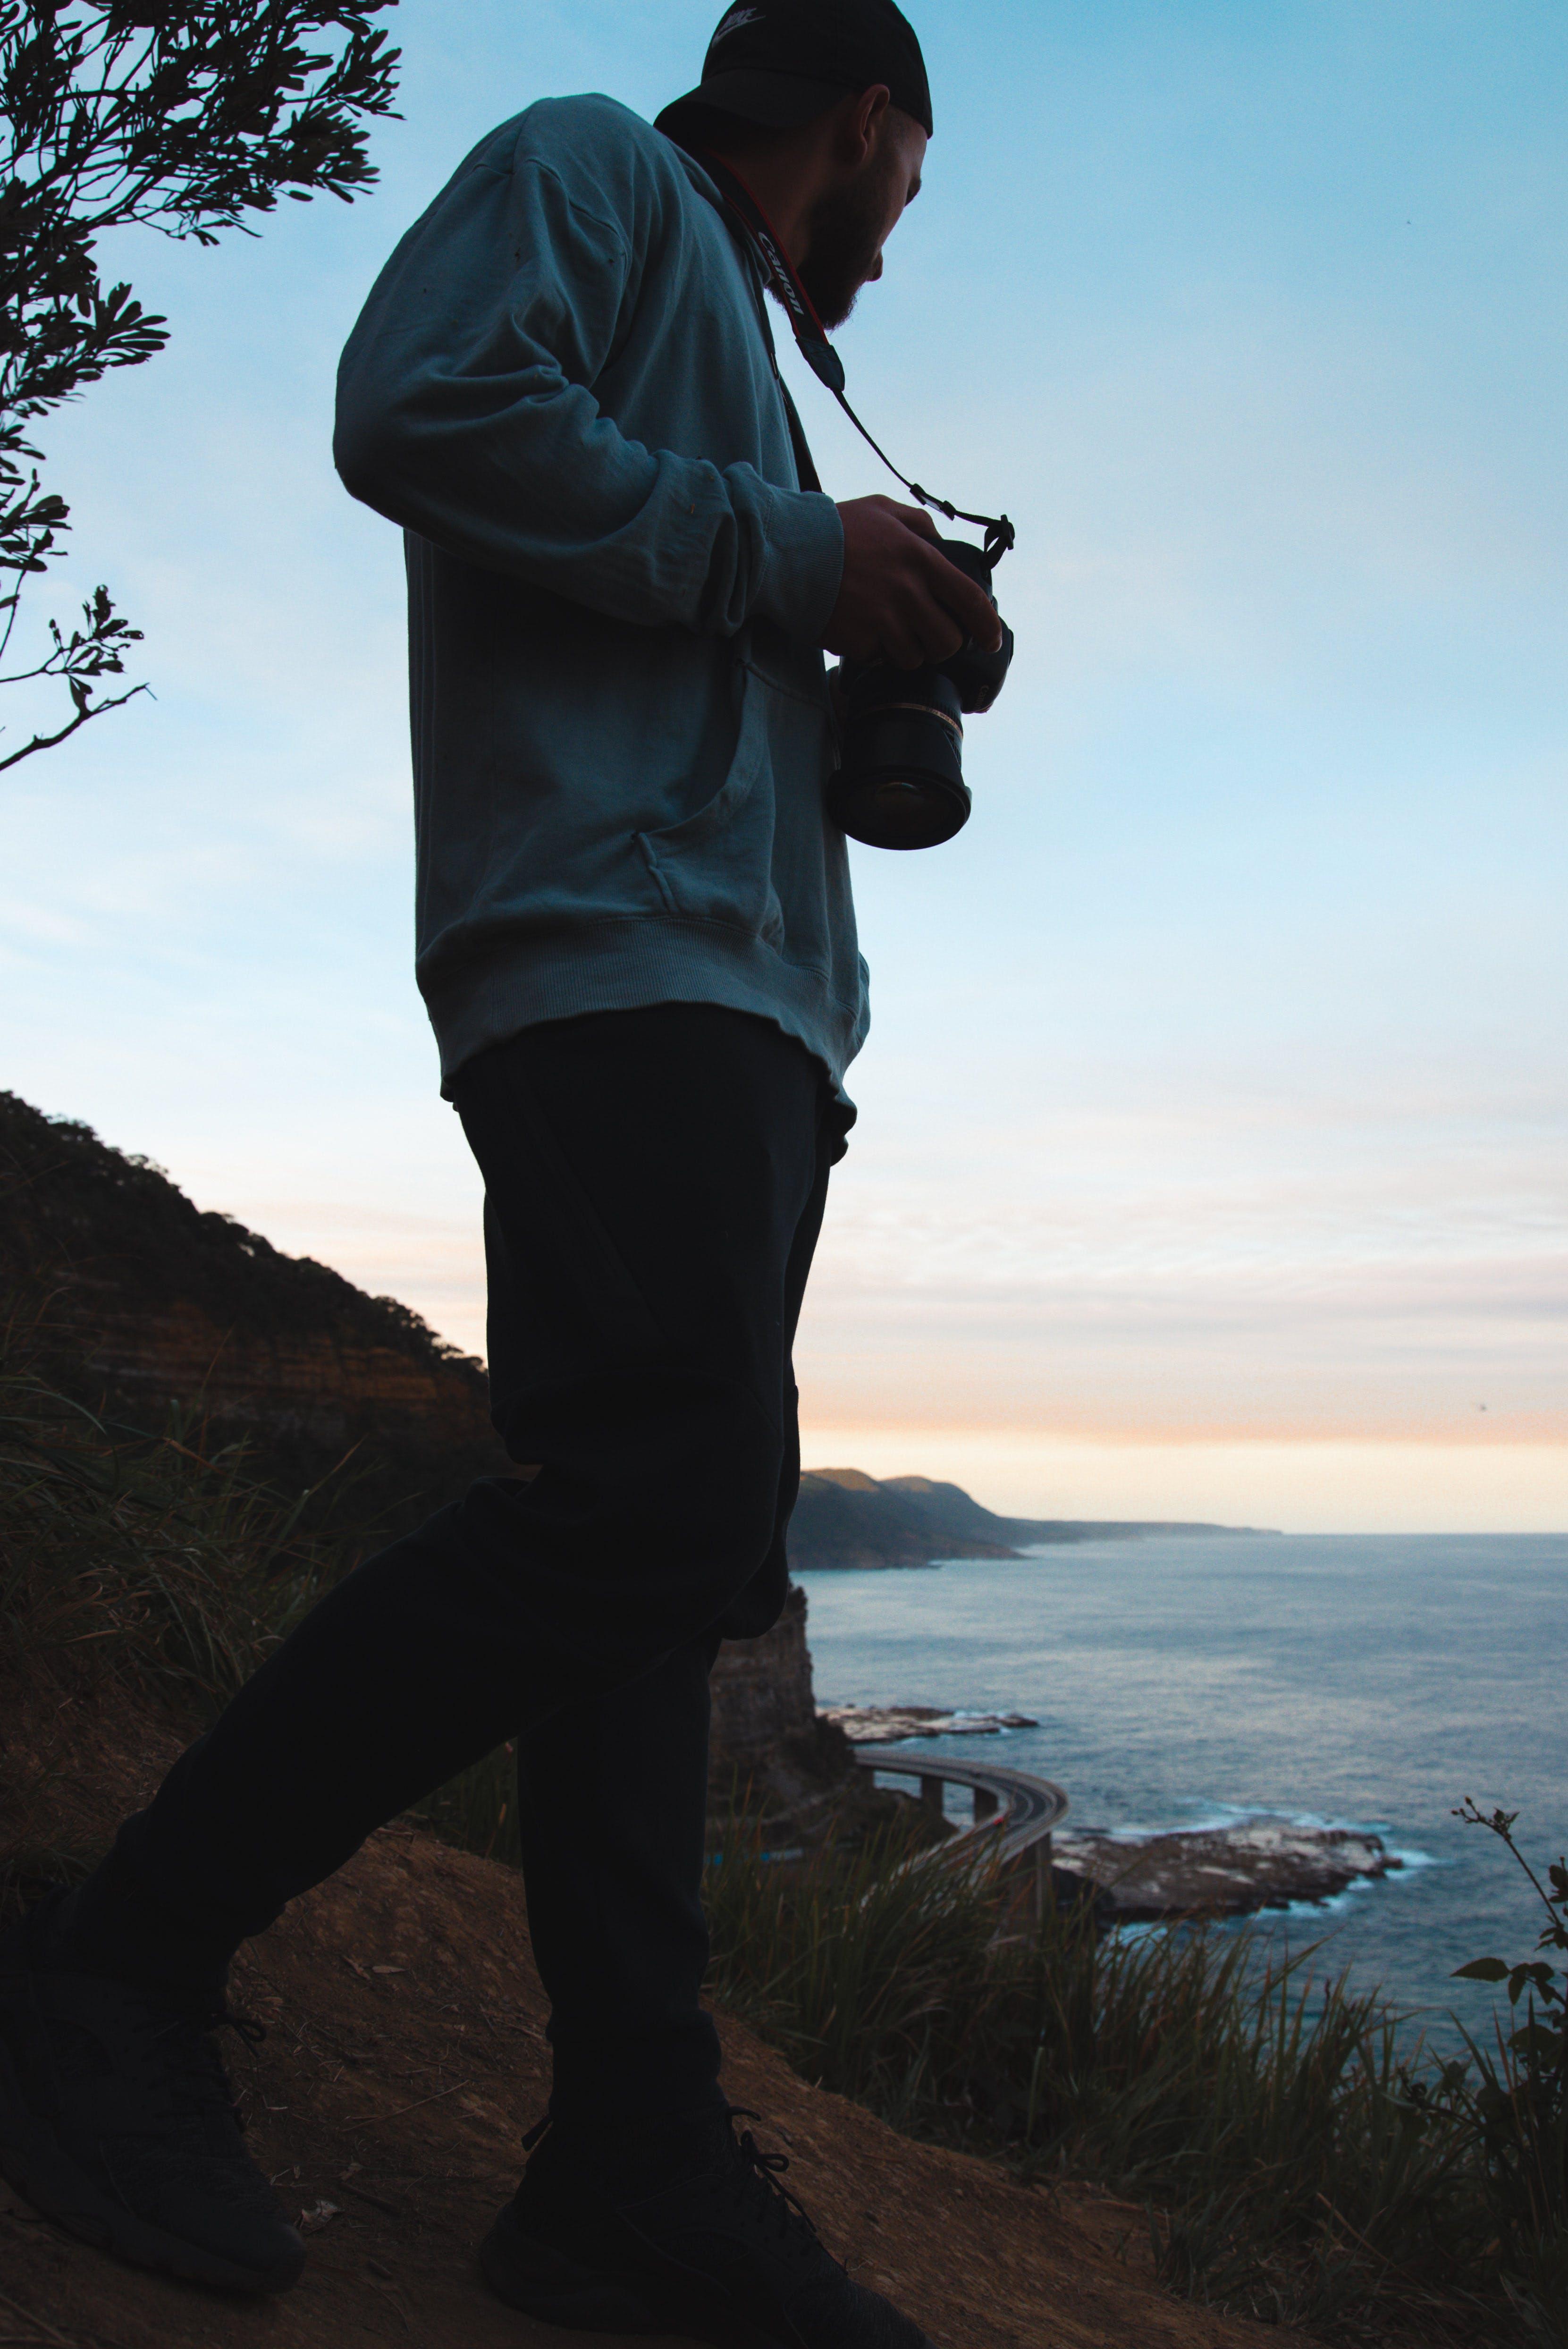 Δωρεάν στοκ φωτογραφιών με Αυστραλία, δύση του ηλίου, κάμερα, πεζοπορία